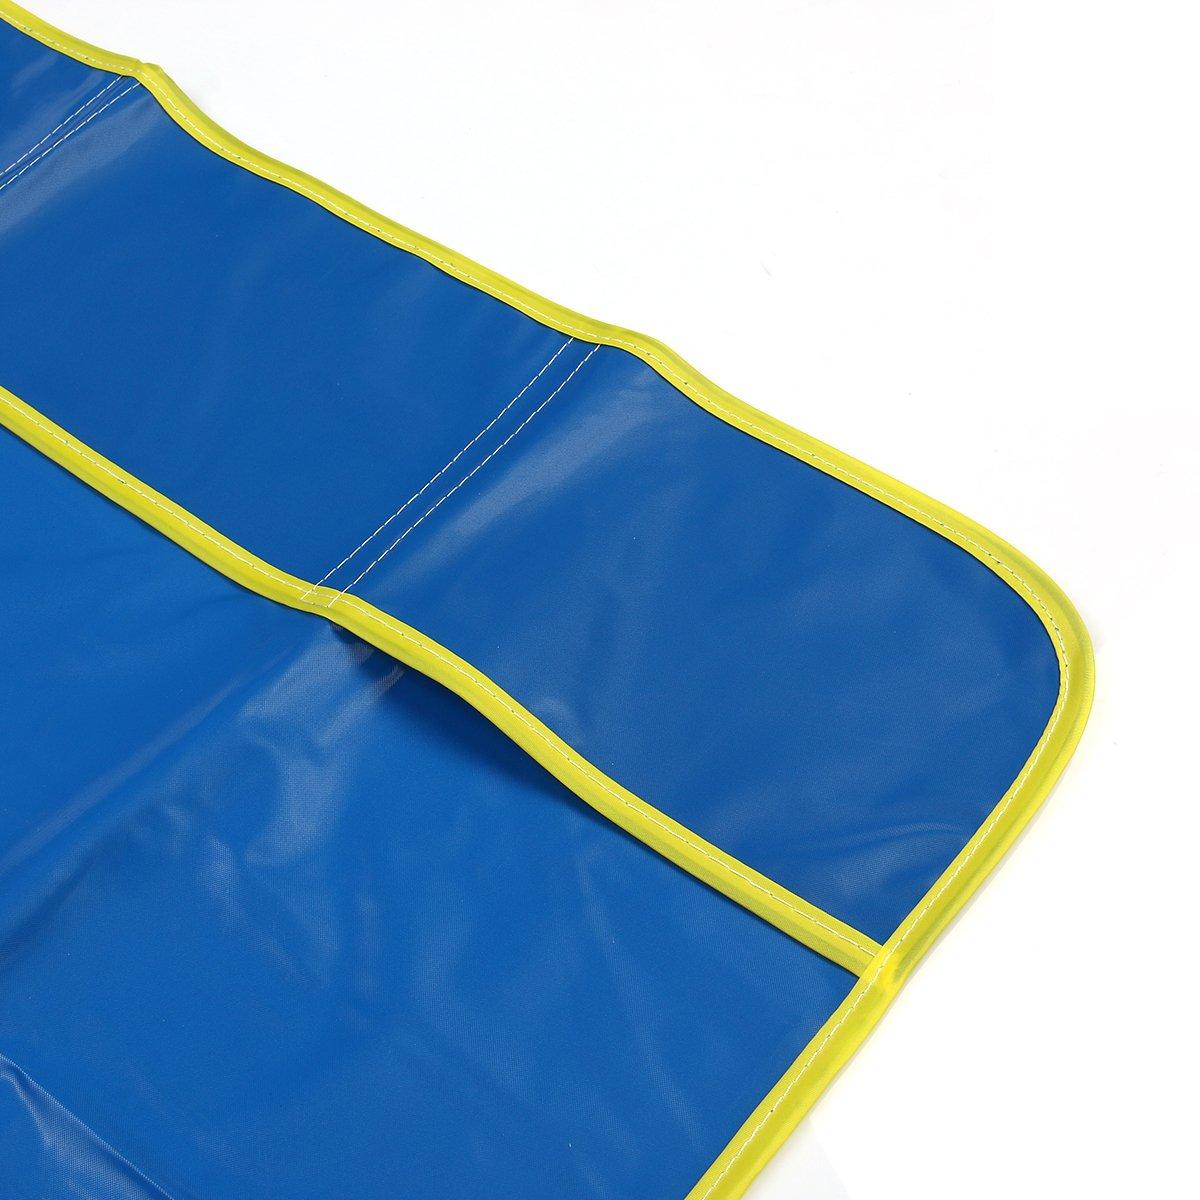 Marvel Spider-Man Estampado de Traje de ba/ño Azul Nadar Shorts de Playa Surfear Boxeadores de Agua para ni/ños